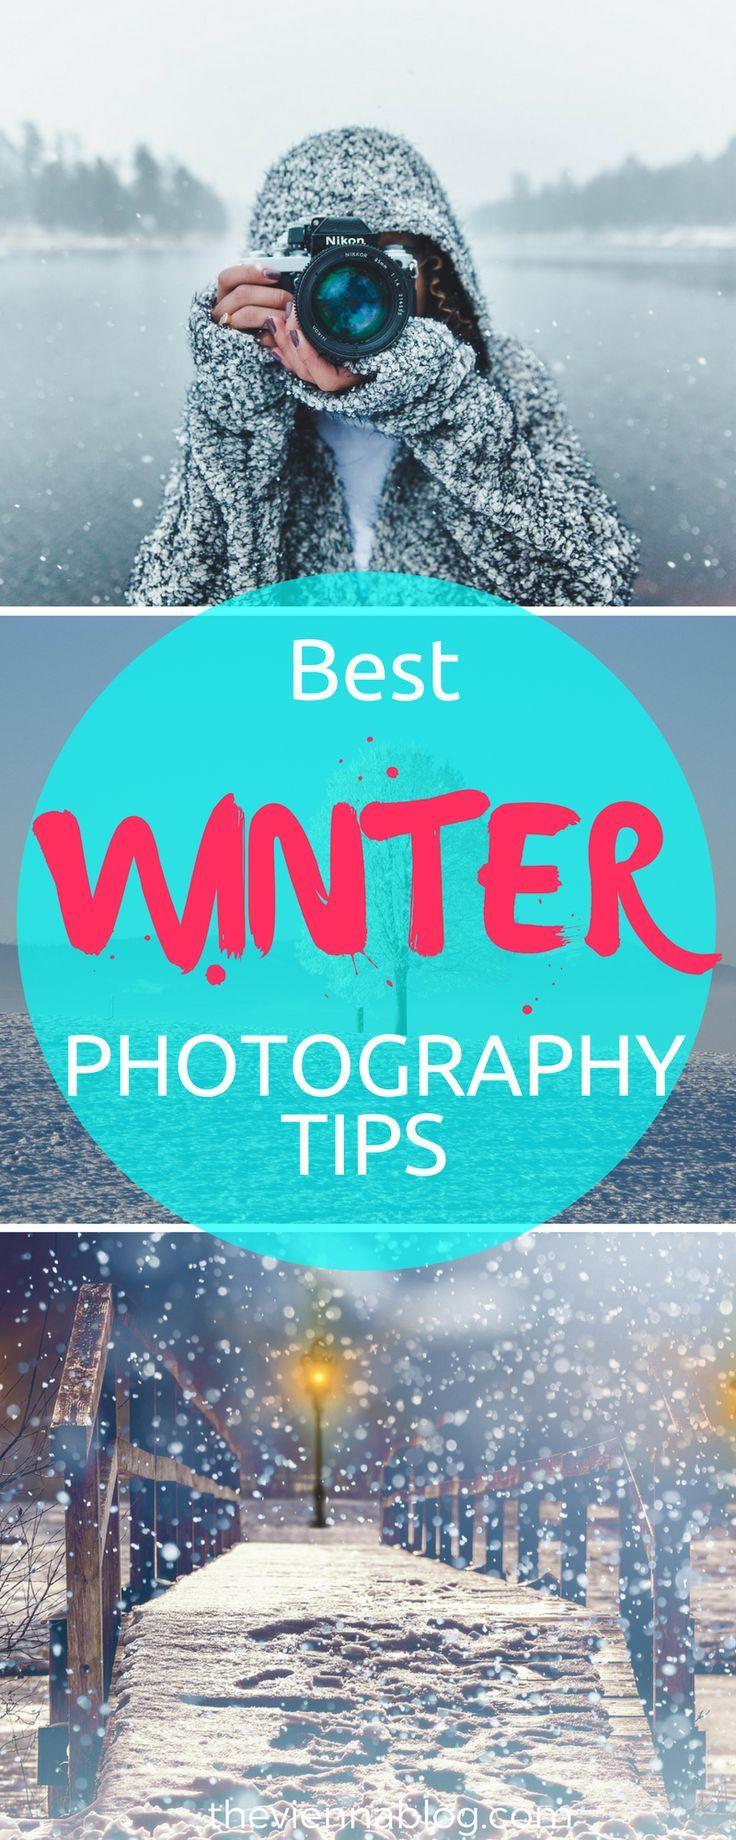 Tipps und Ideen für Winter- und Schneefotografie   – Landscape Photography